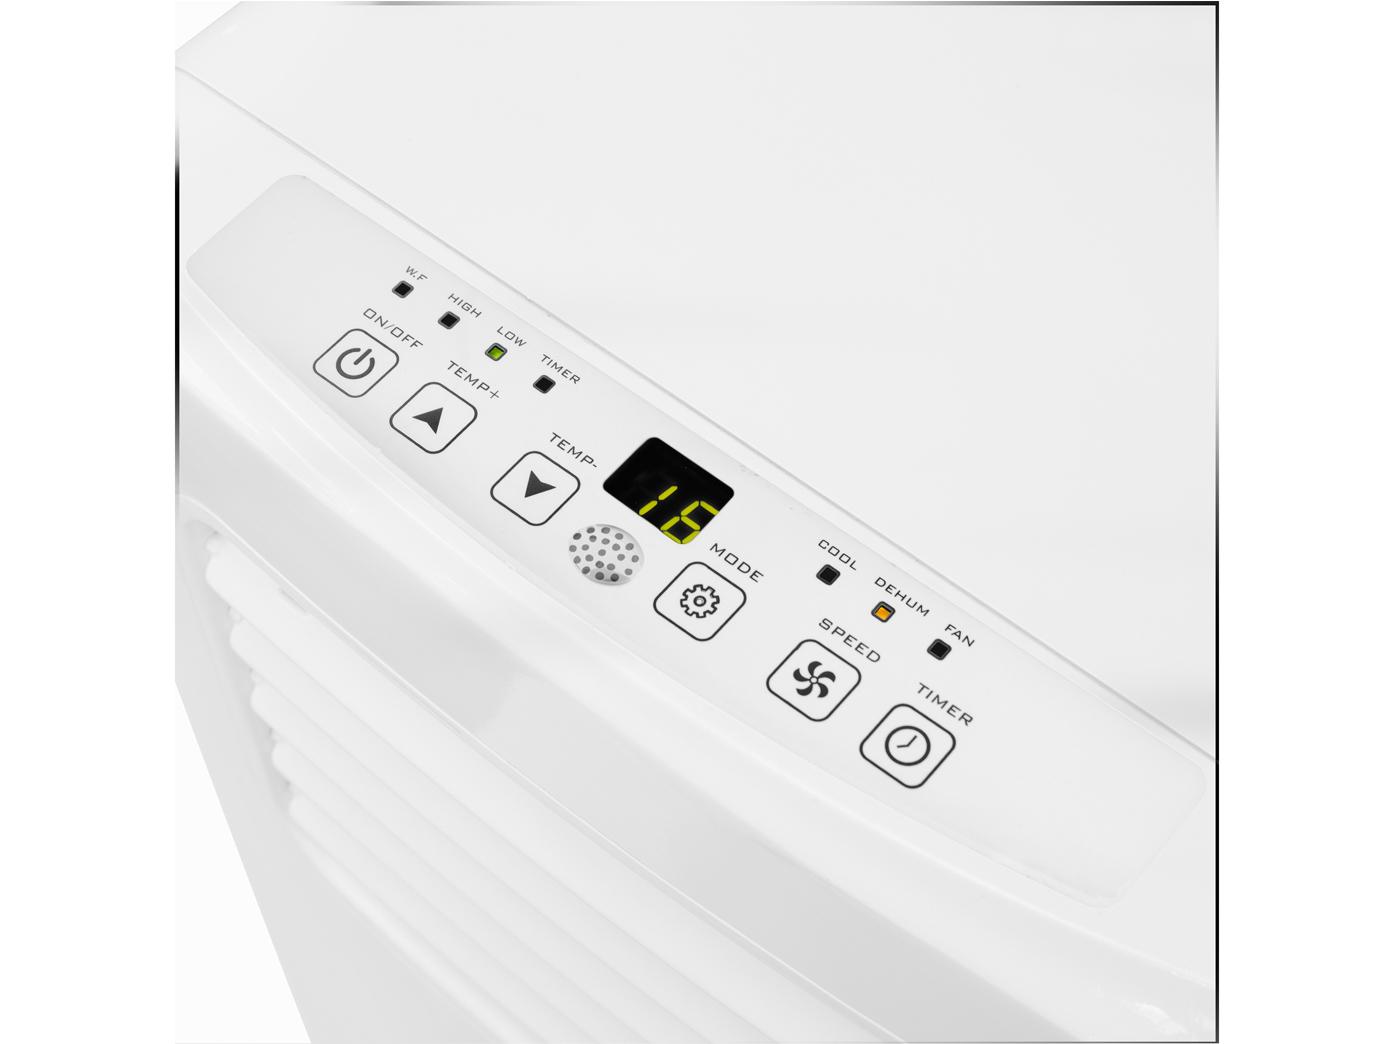 Lokales Klimagerät 3 Betriebsarten Eek A 2 63 Kw Mobile